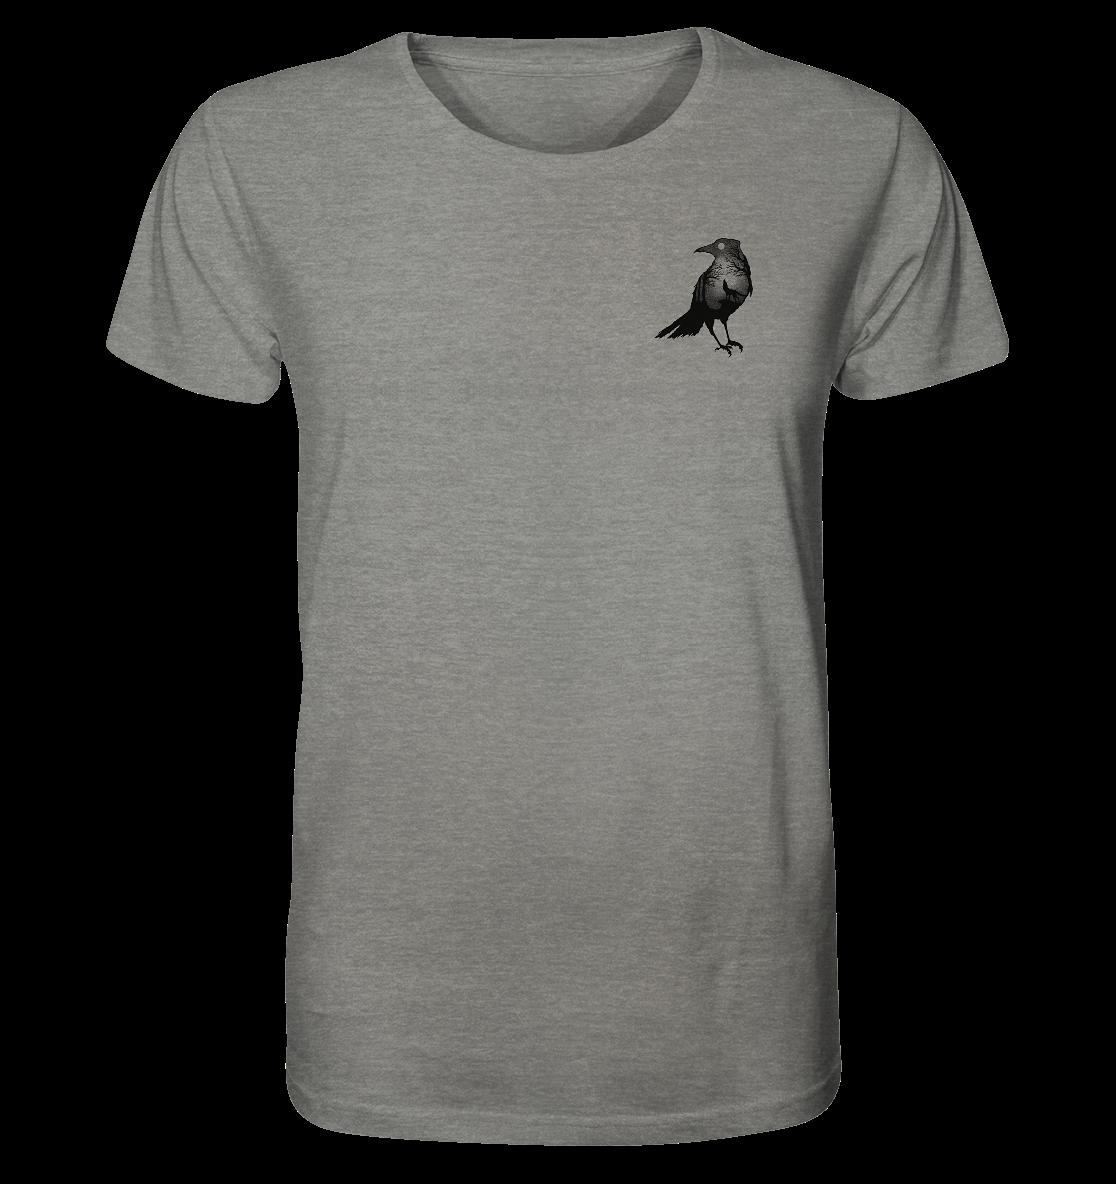 front-organic-shirt-meliert-818381-1116x-4.png